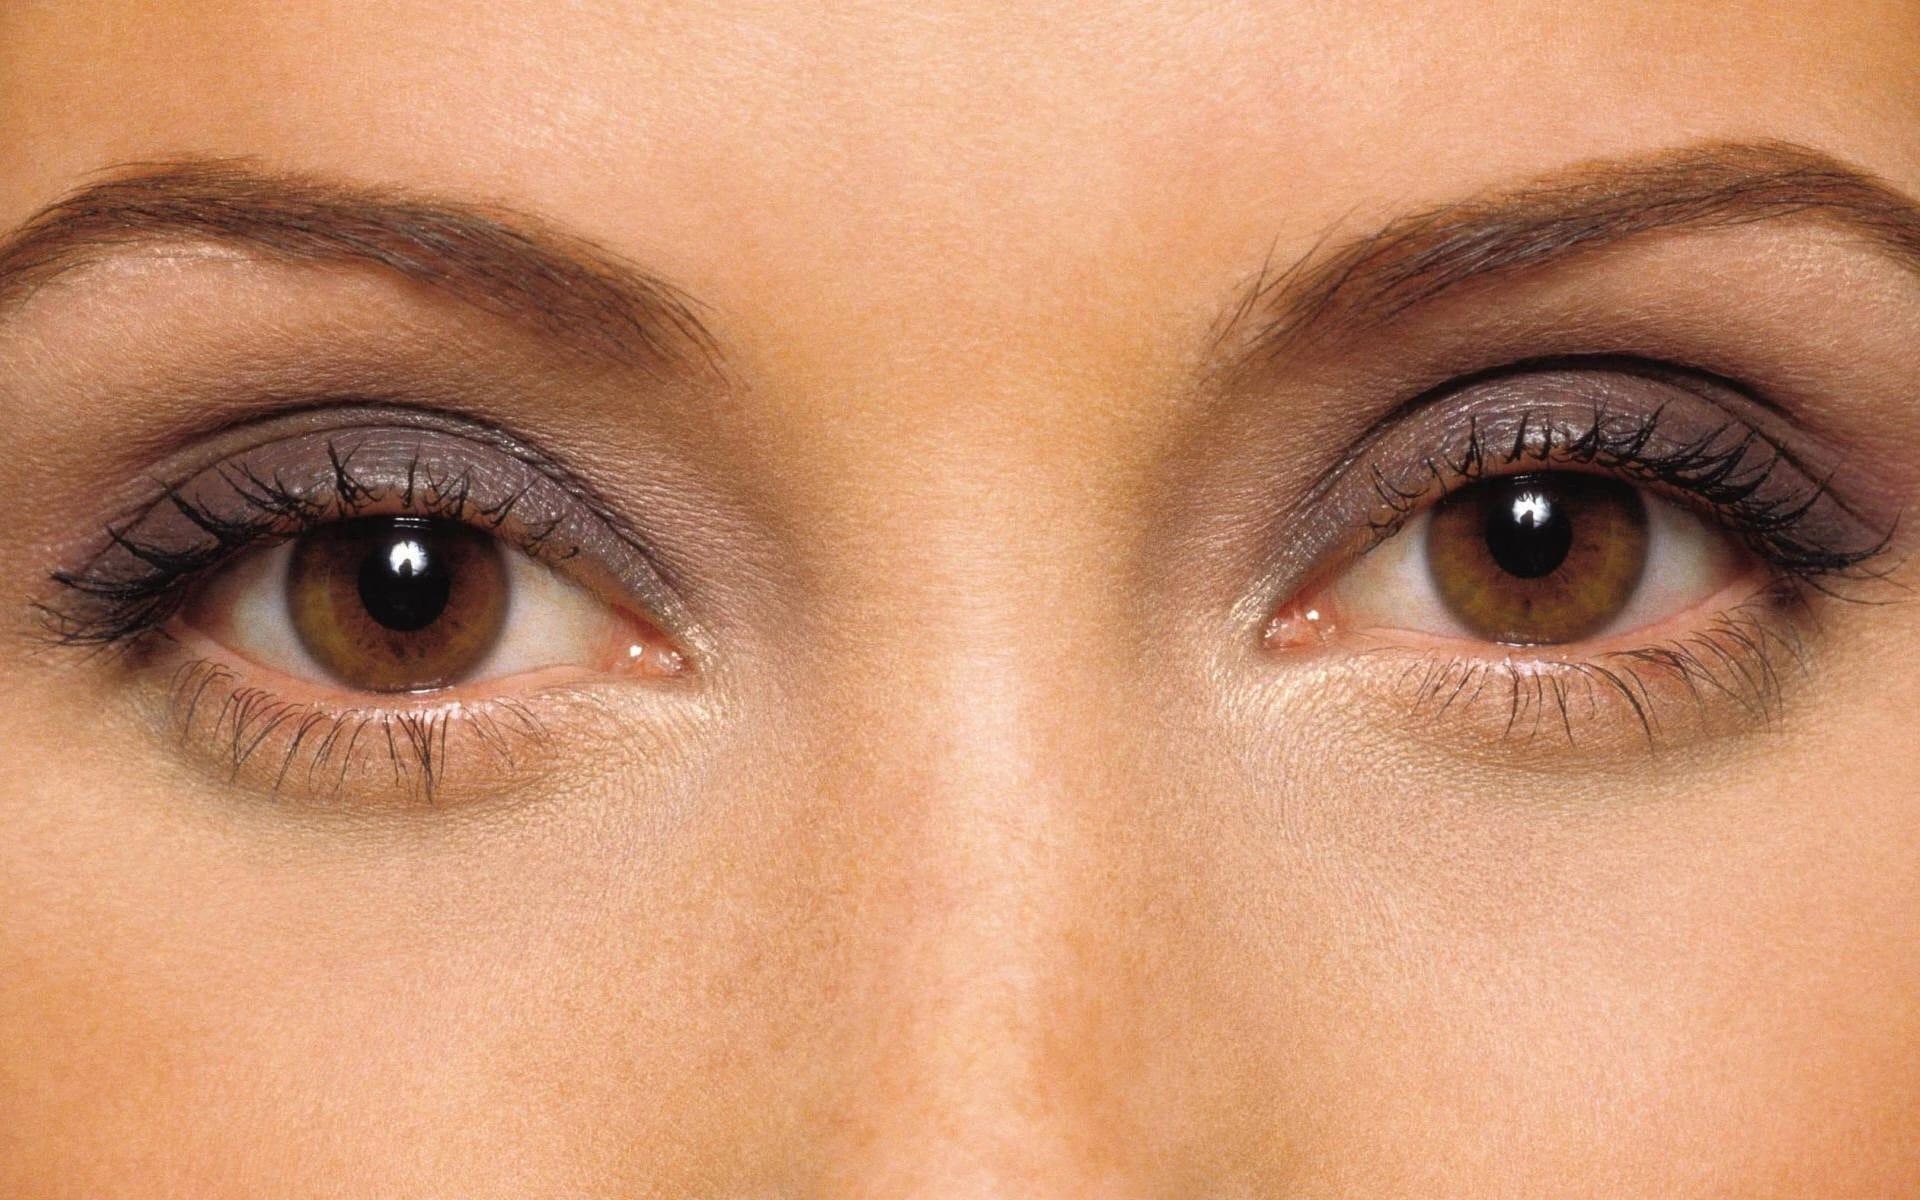 Каких глаз больше всех на свете фото